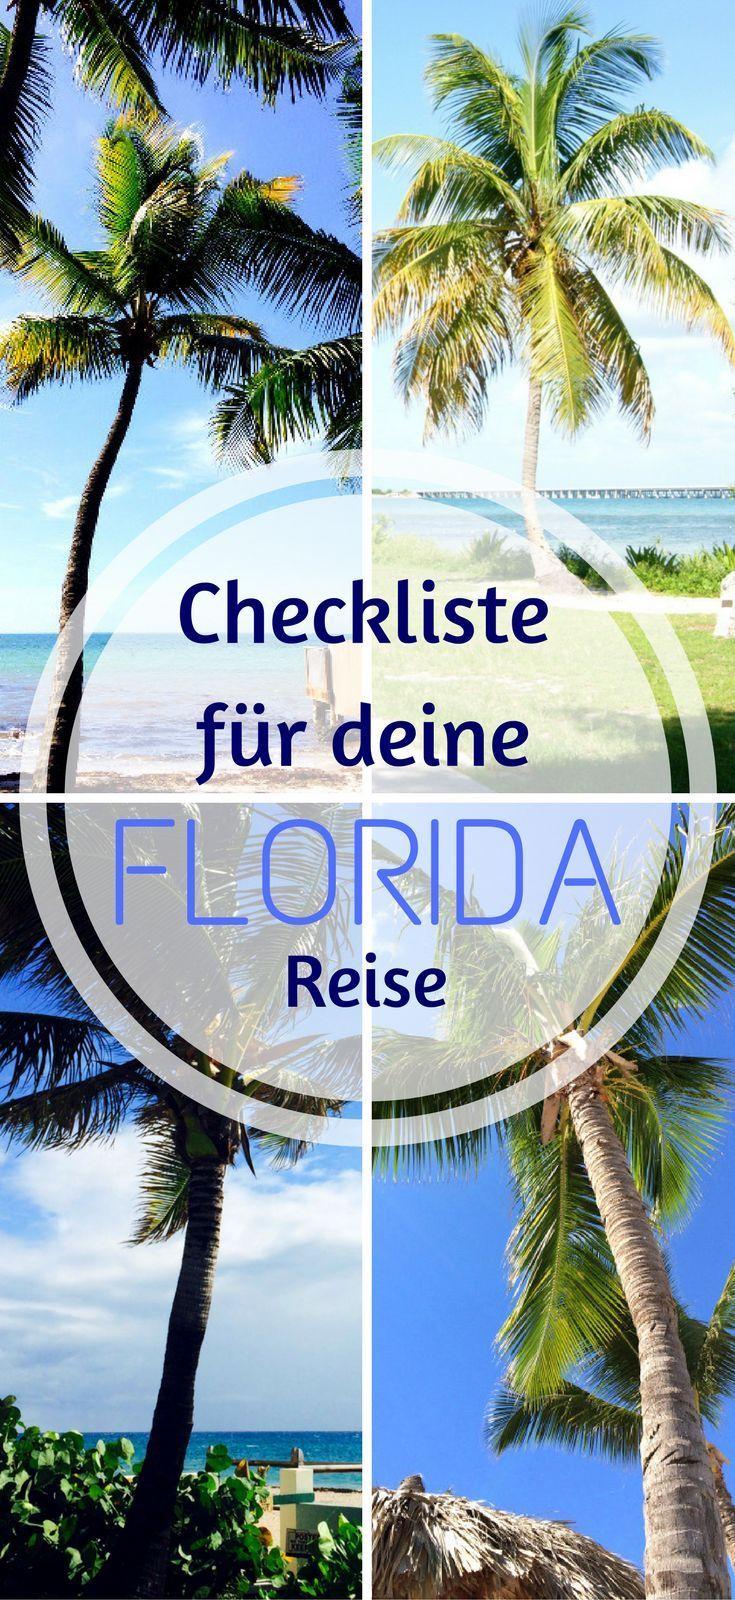 Deine Checkliste für deine Florida Reise. Du fliegst bald in den Sunshine State der USA? Ich zeige dir, an was du vorher denken musst damit deine Reise ein voller Erfolg wird. Von der Routenplanung, über ESTA bis hin zu wertvollen Tipps rund ums Auto fahr